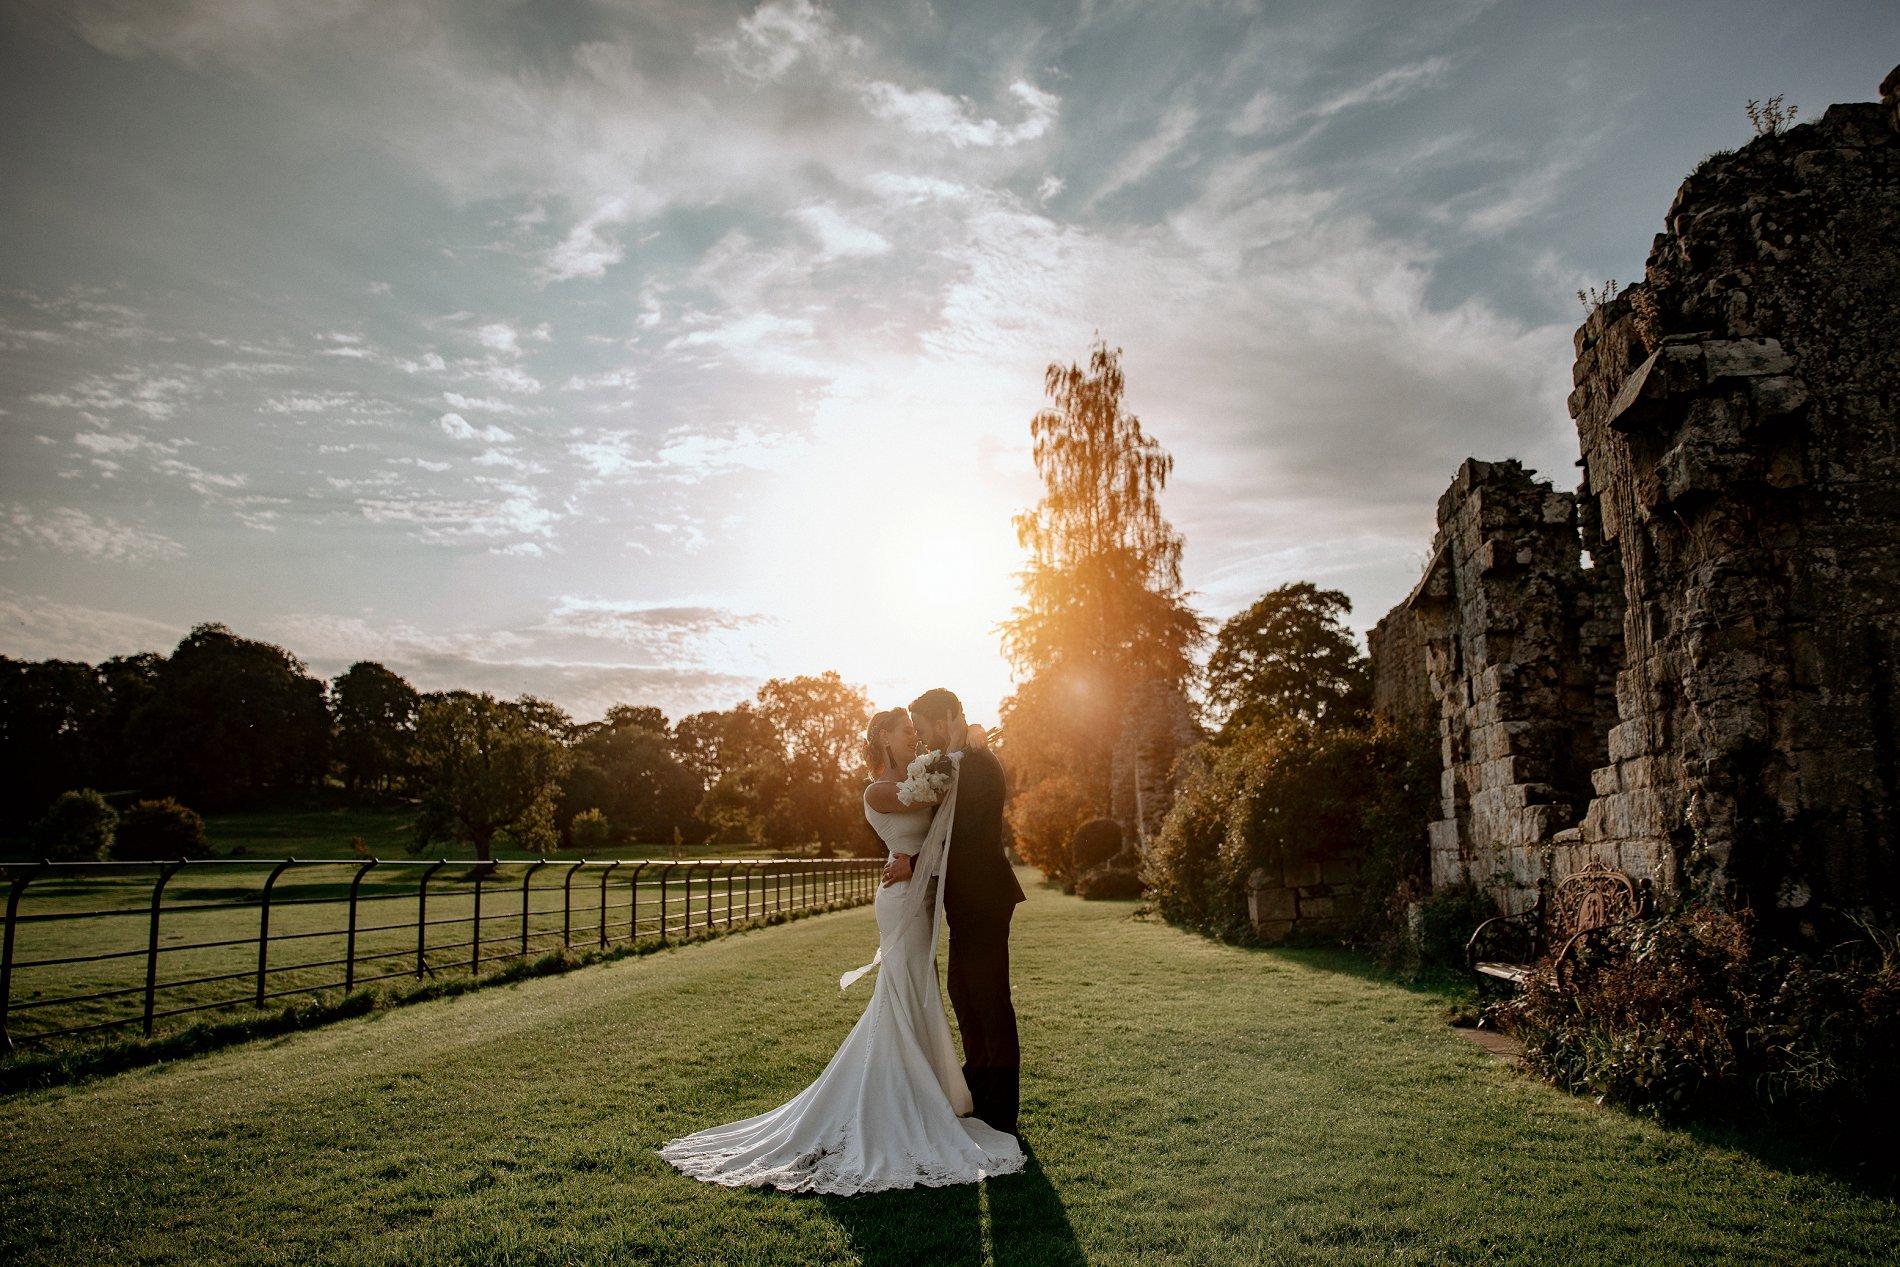 An Elegant Wedding Shoot at Jervaulx Abbey (c) Natalie Hamilton Photography (78)